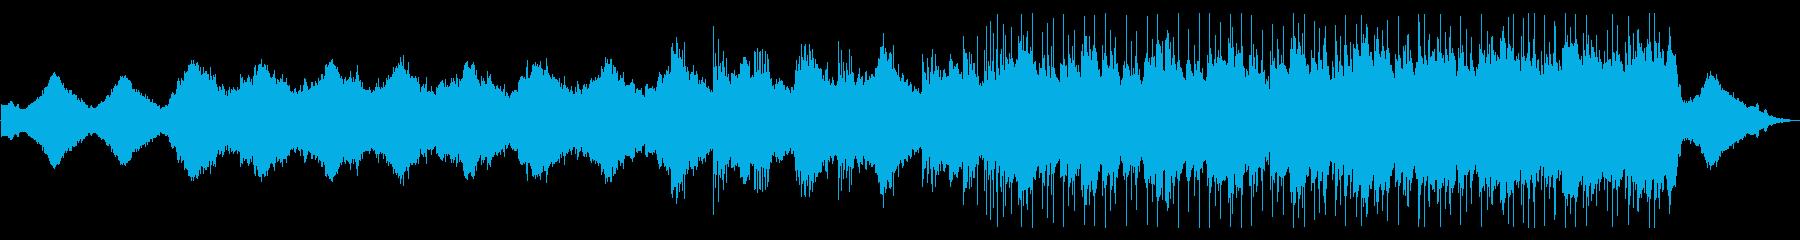 ハンスジマーオマージュのシネマティックの再生済みの波形